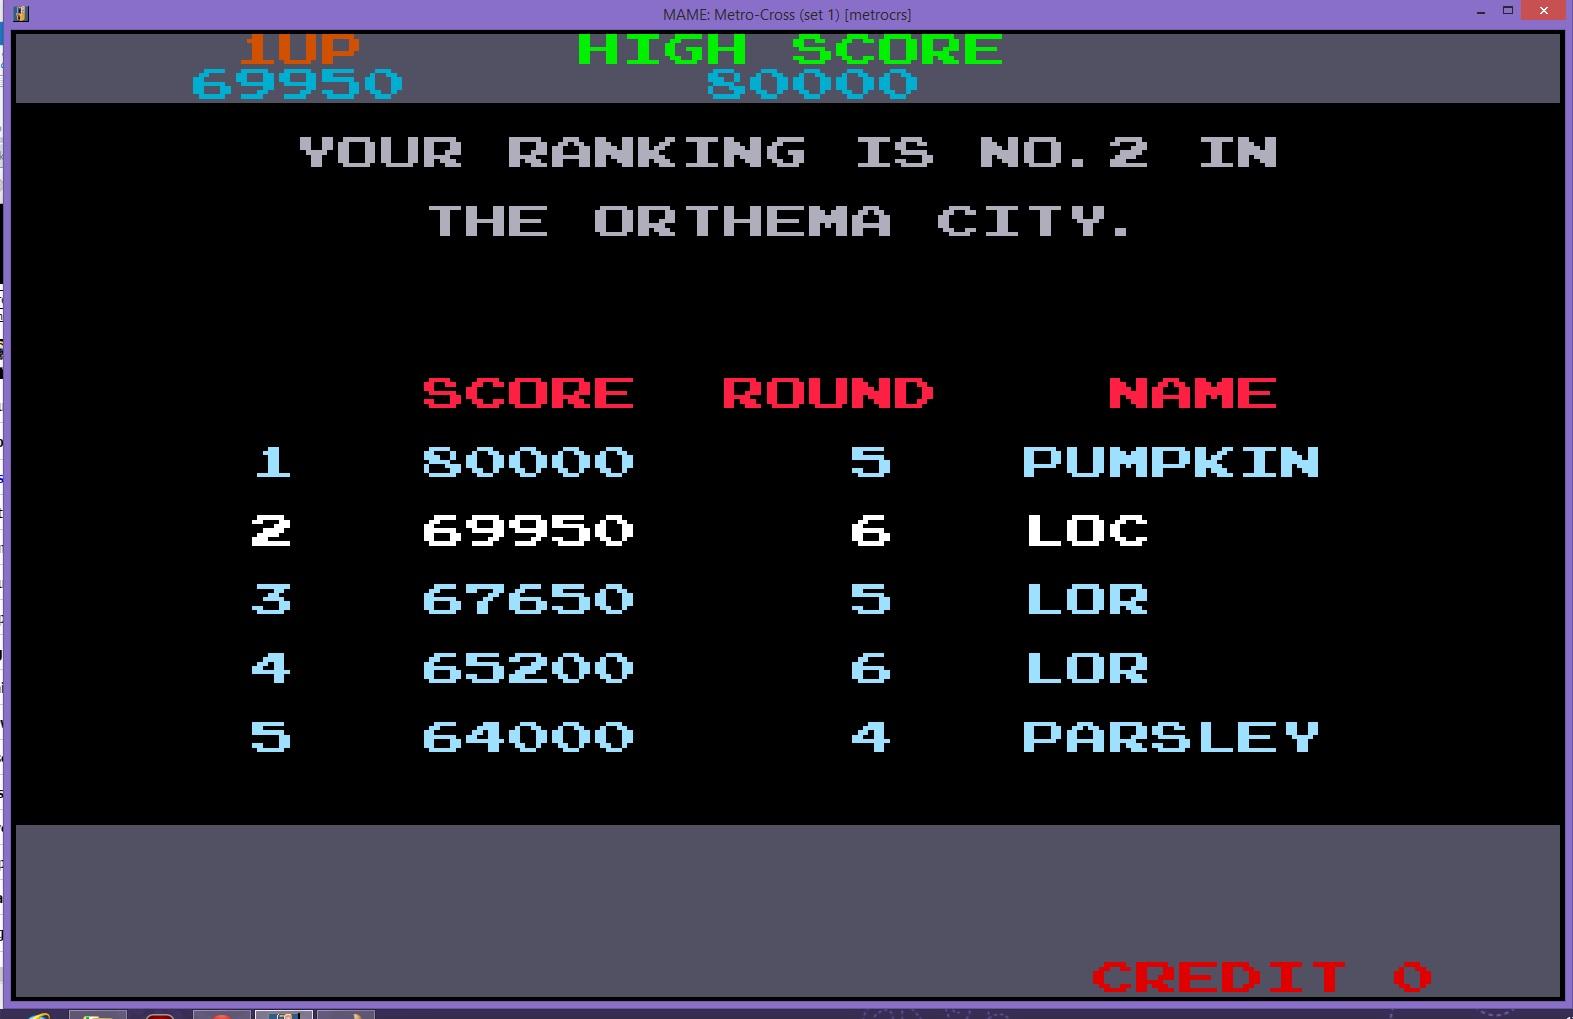 Metro-Cross 69,950 points